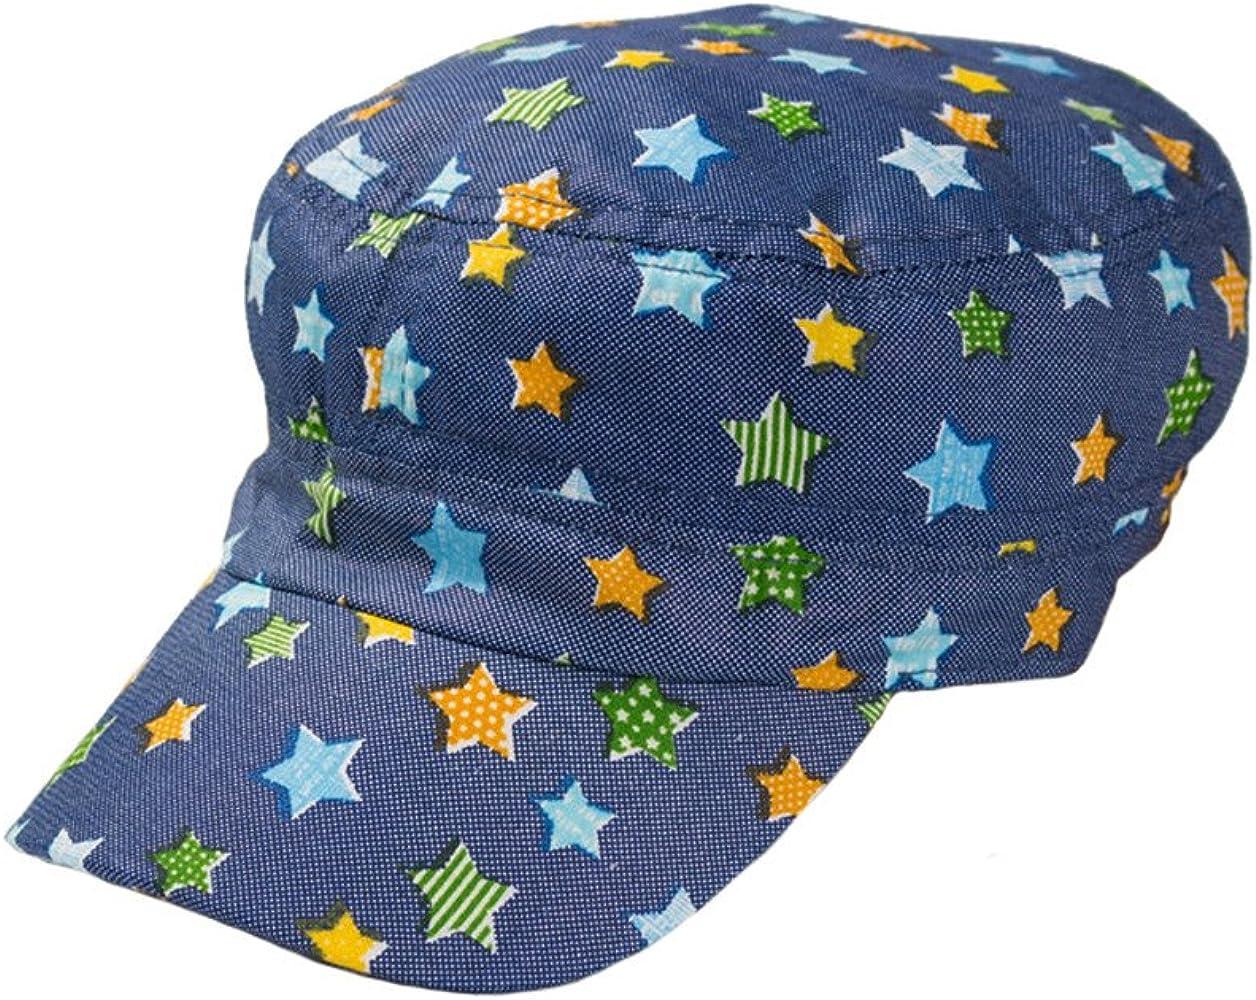 Algodón Gorras Militares Chico Niños Bebé Impresión Estrellas ...